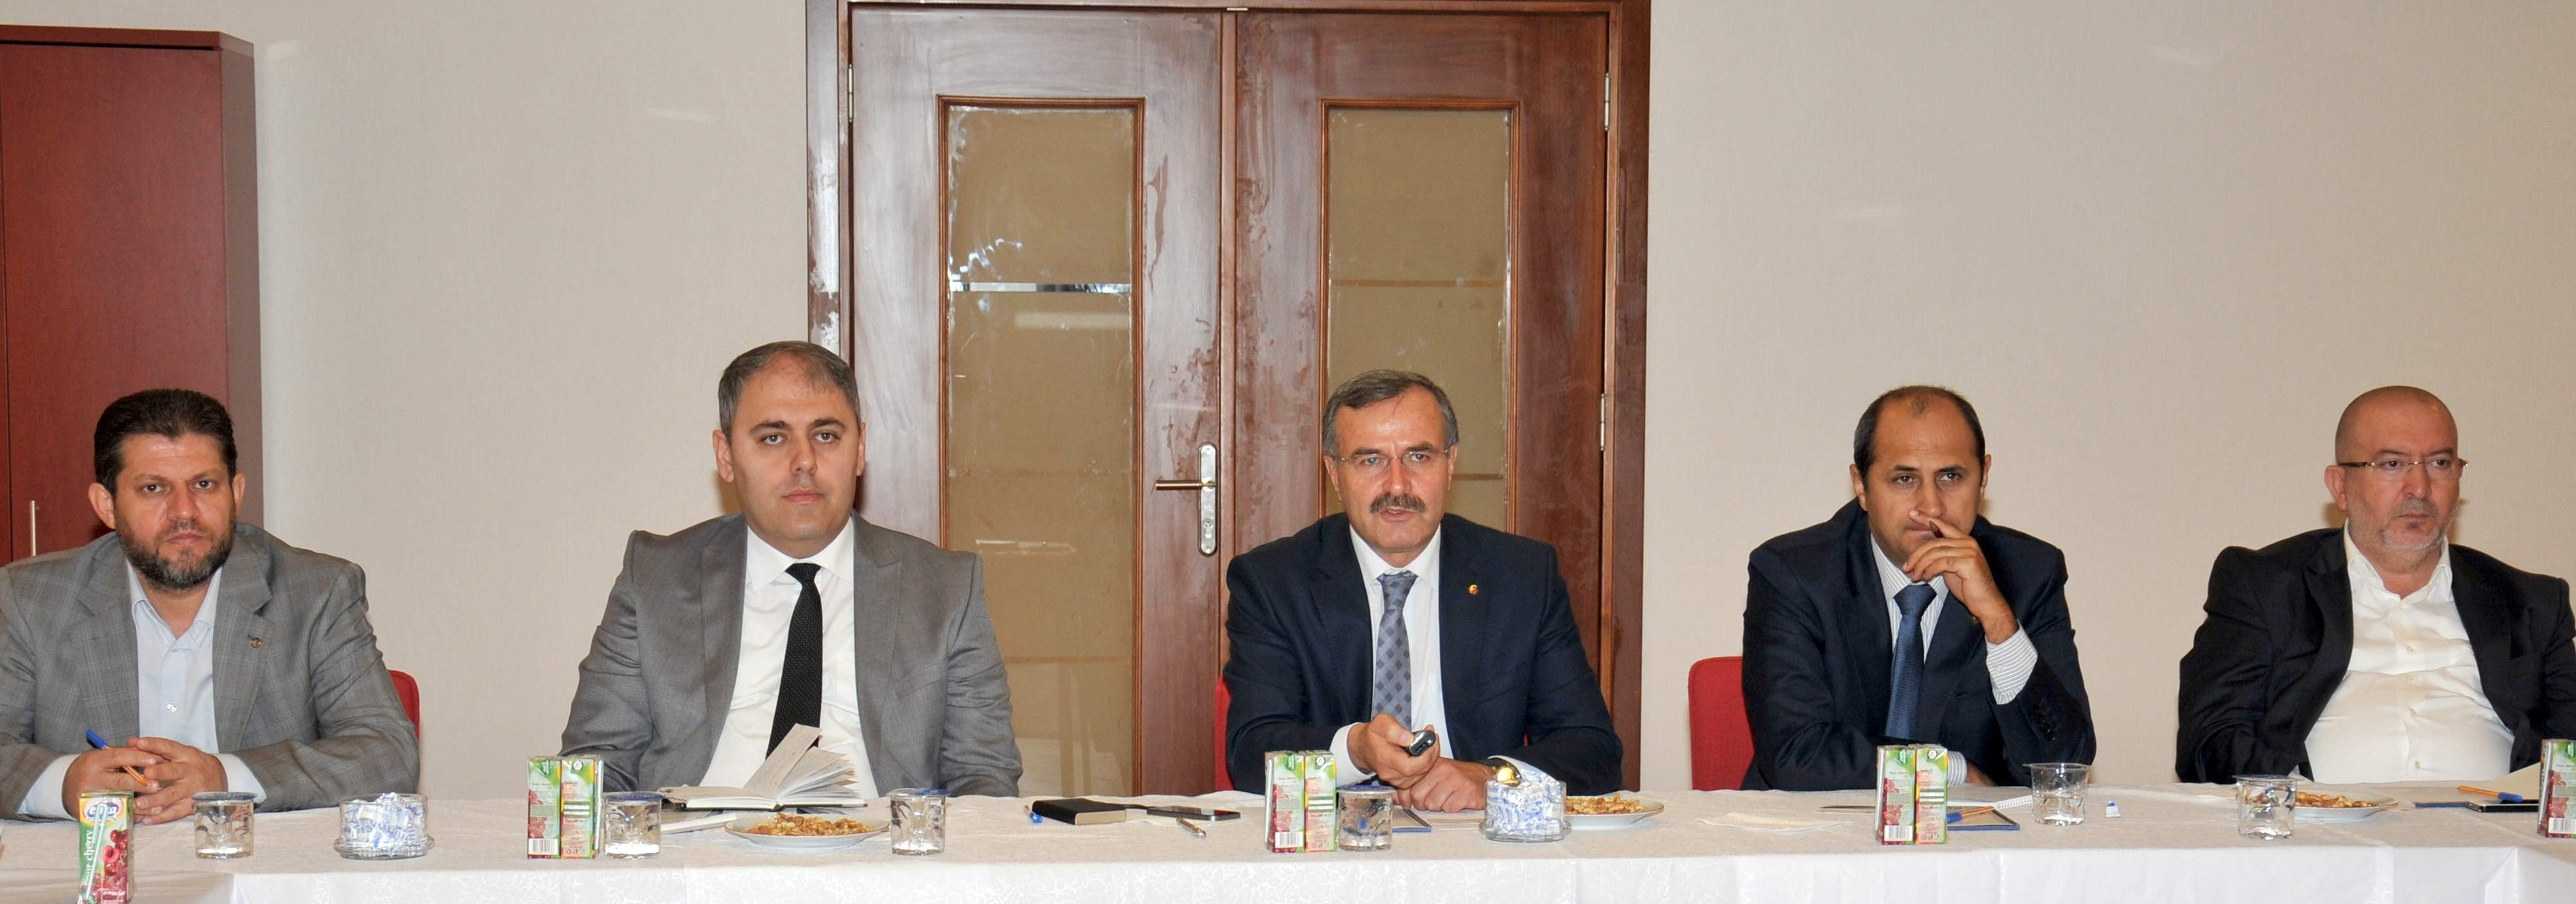 KSOda Konya sanayisi masaya yatırıldı